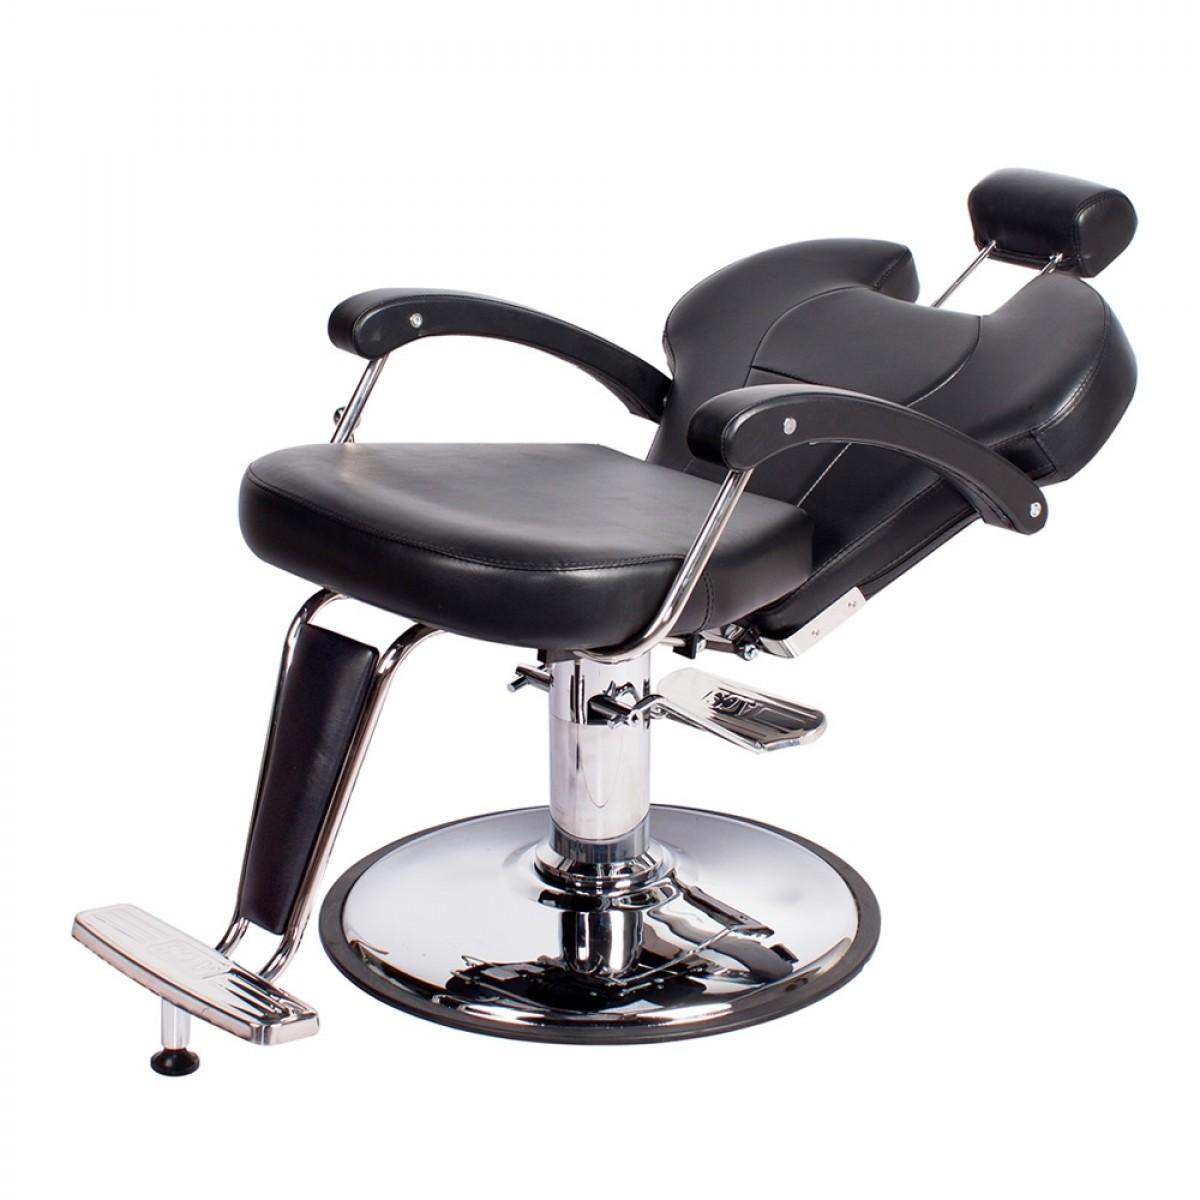 Reclining Salon Chair, Reclining Barber Chair, All Purpose Salon Chair